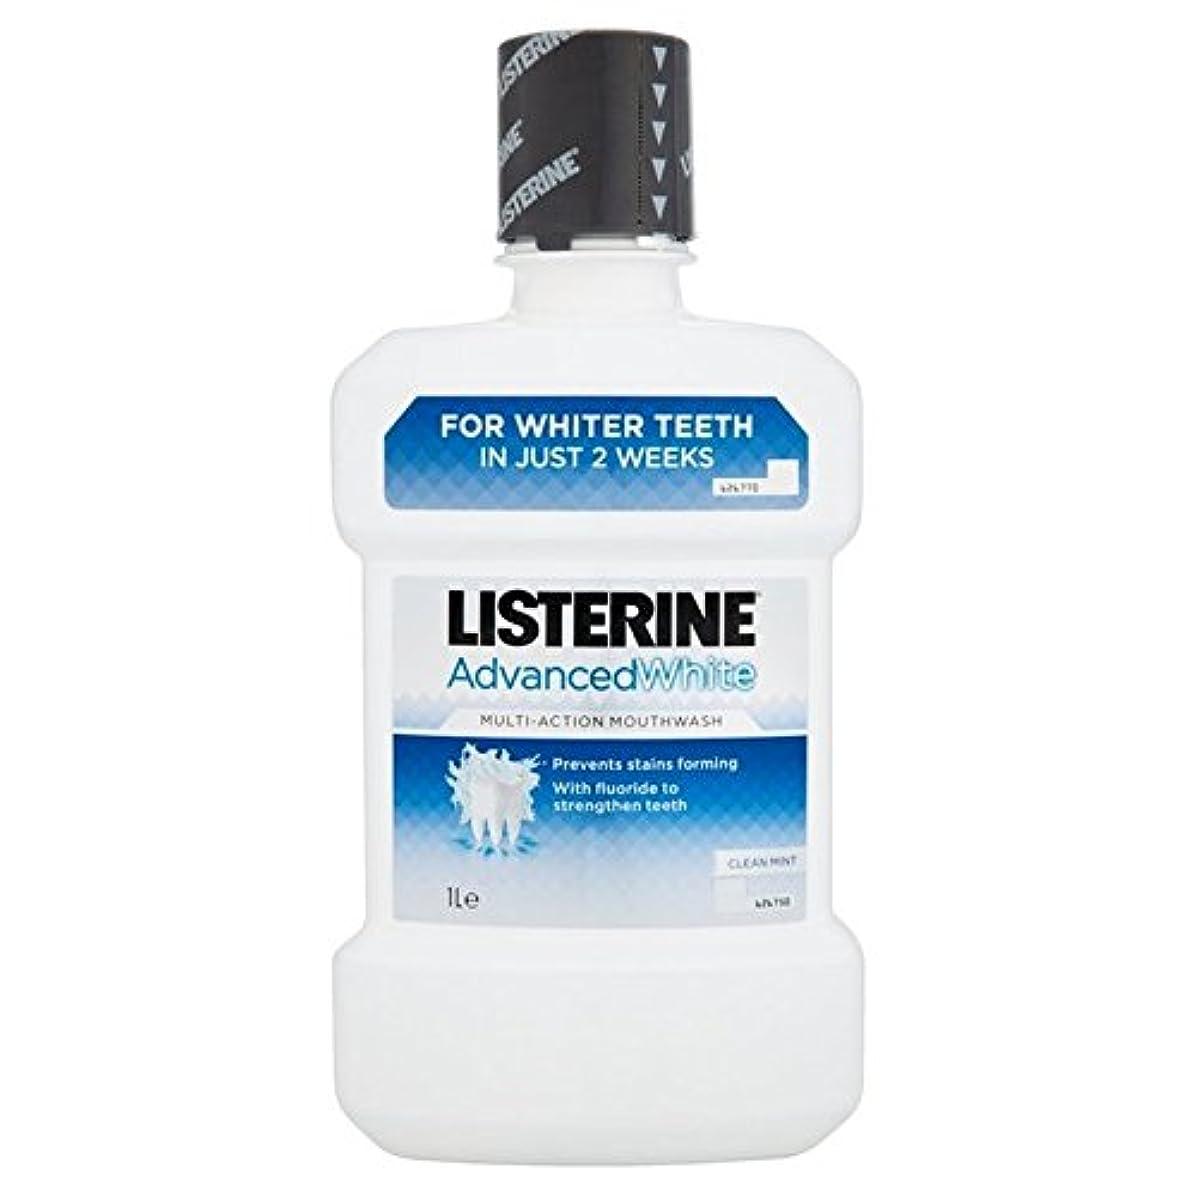 深める食事を調理する死んでいるListerine Advanced Whitening Mouthwash 1L - リステリンは、マウスウォッシュの1リットルをホワイトニング高度 [並行輸入品]